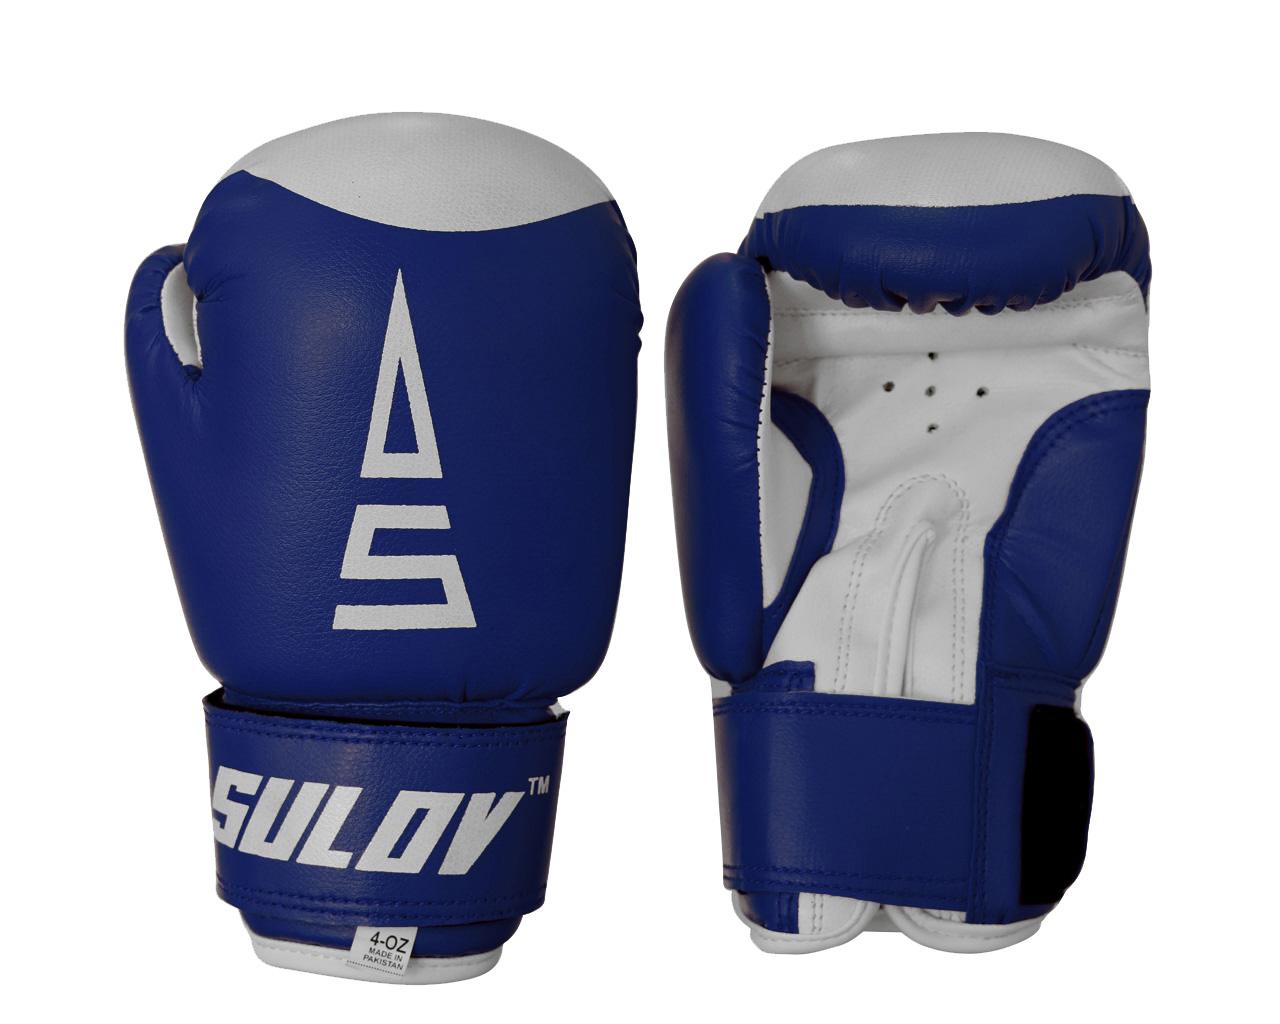 Sulov Dětské boxerské rukavice 4 oz modré